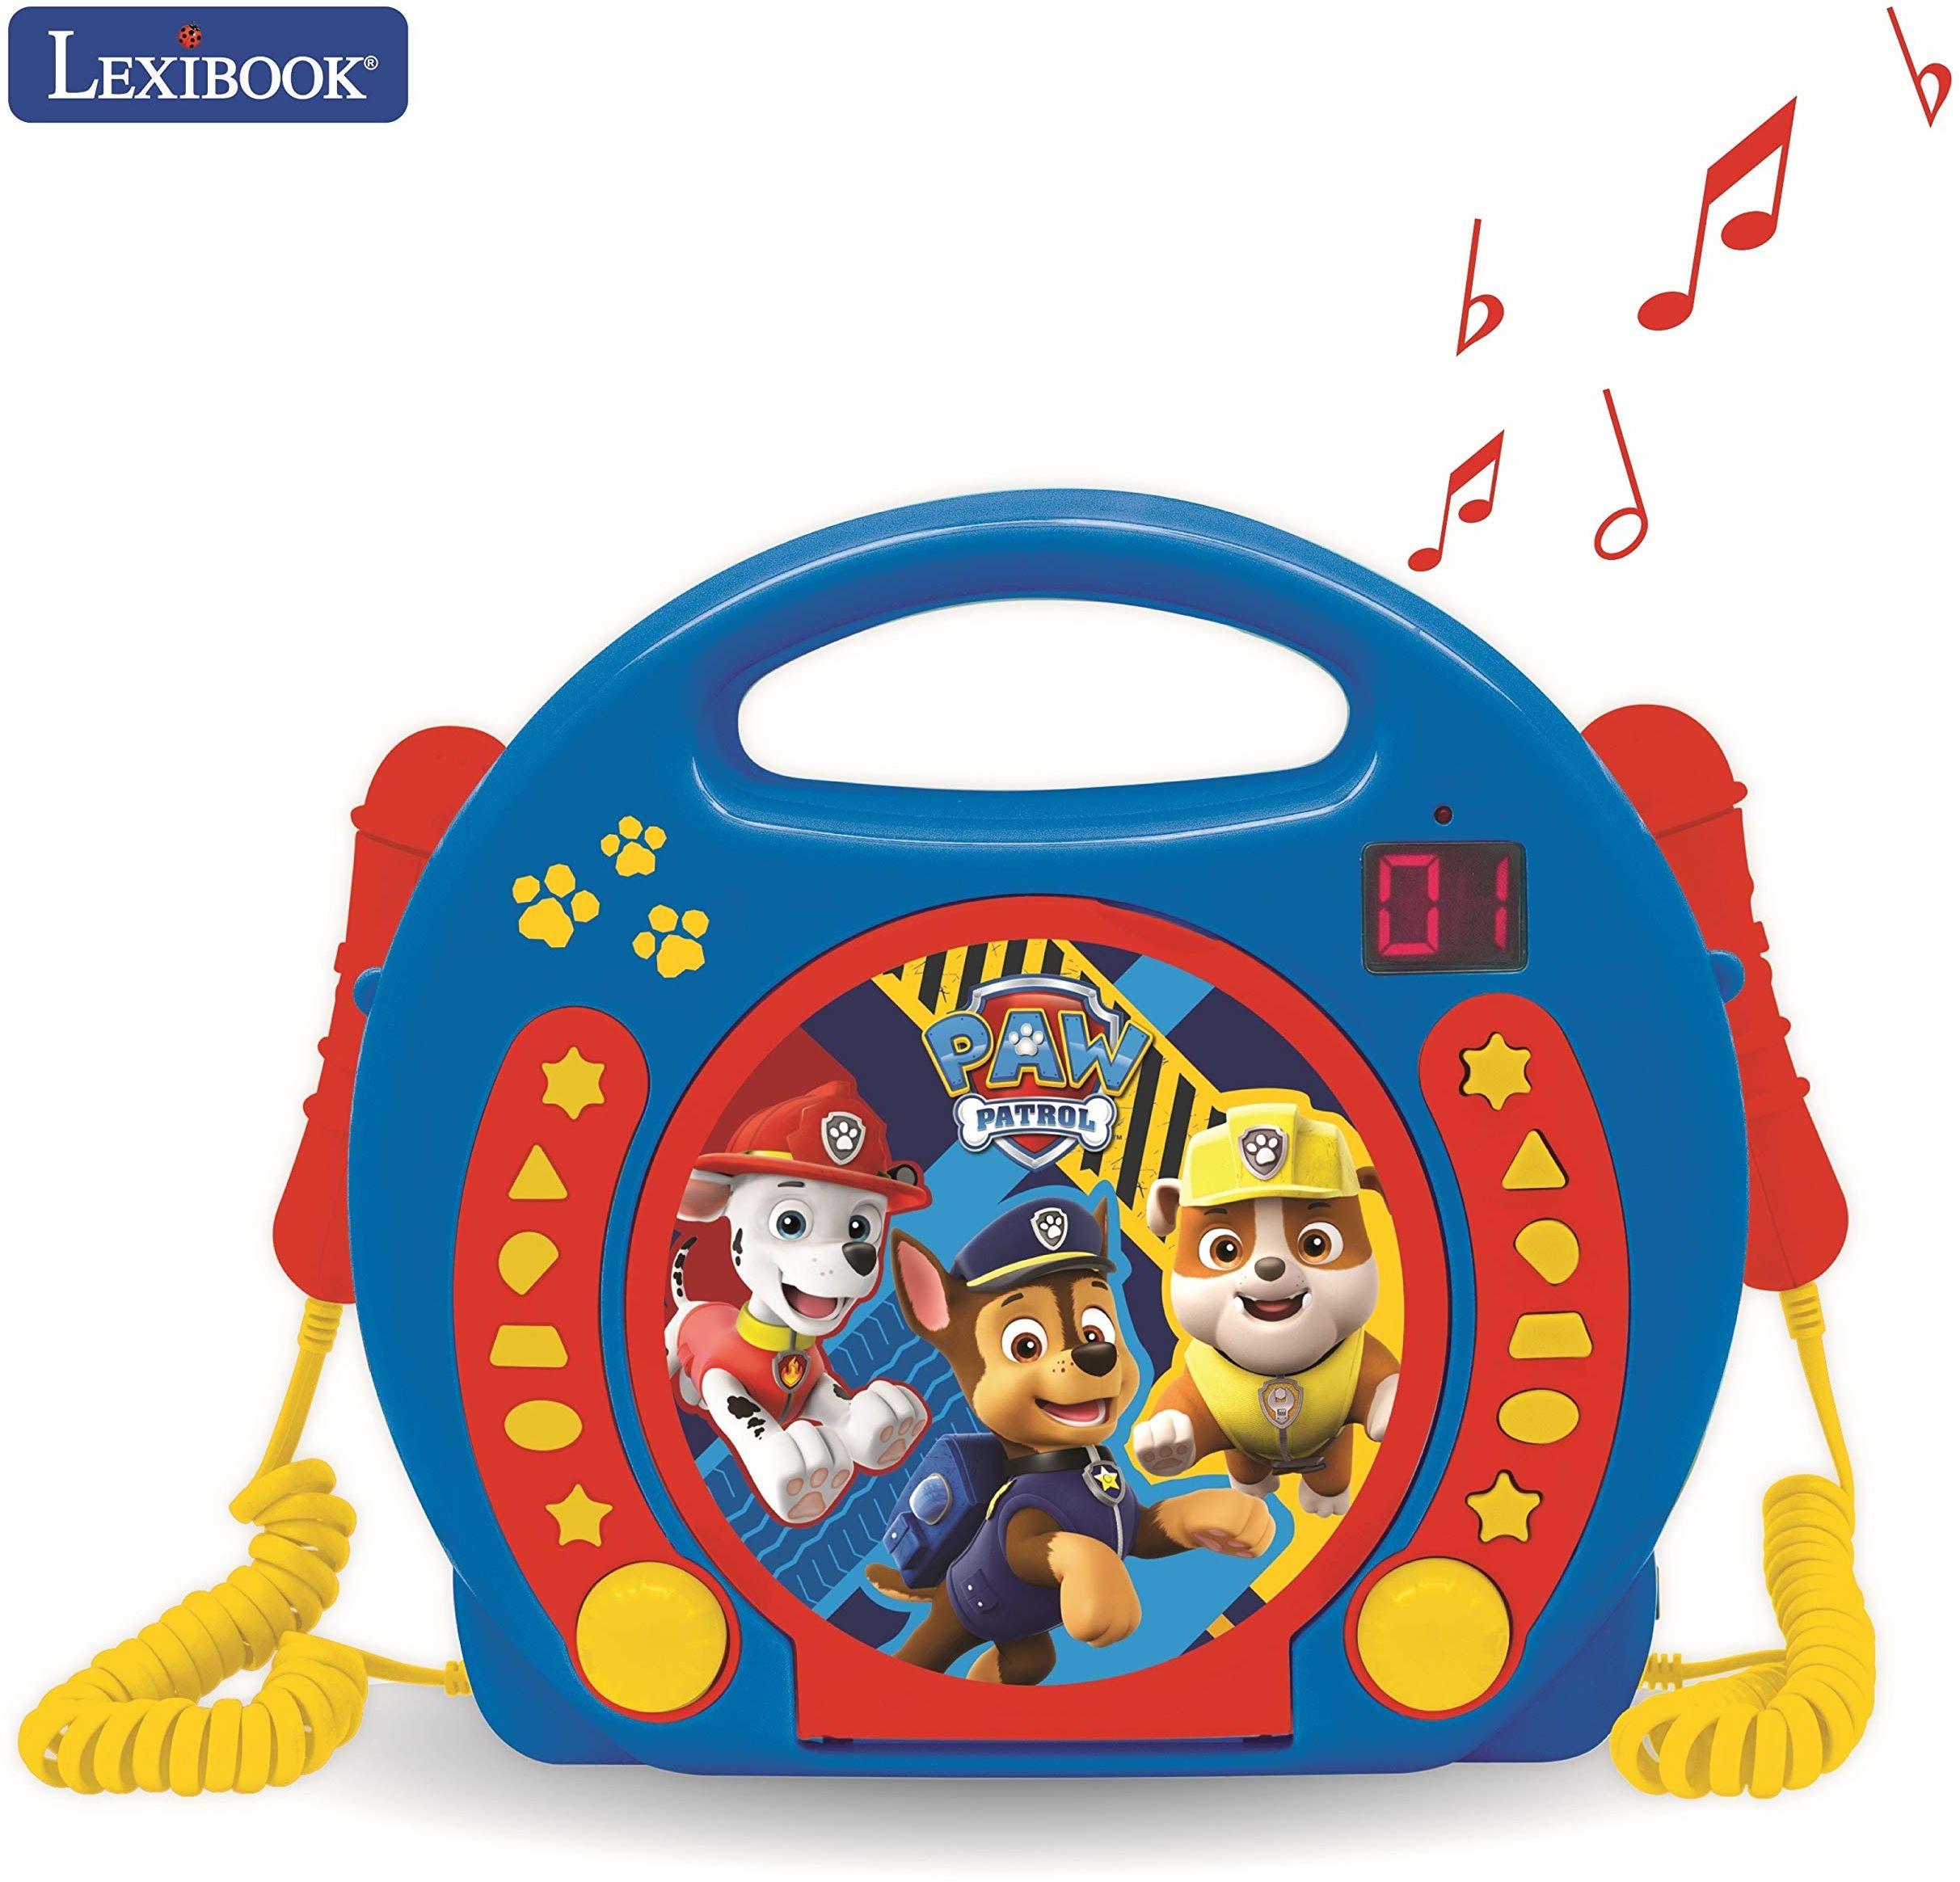 Lexibook RCDK100PA Psi Patrol Chase Marshall Nickelodeon-Karaoke odtwarzacz CD z 2 mikrofonami, funkcją programowania, gniazdo słuchawkowe, dla dzieci, z zasilaczem lub bateriami, niebieski/czerwony